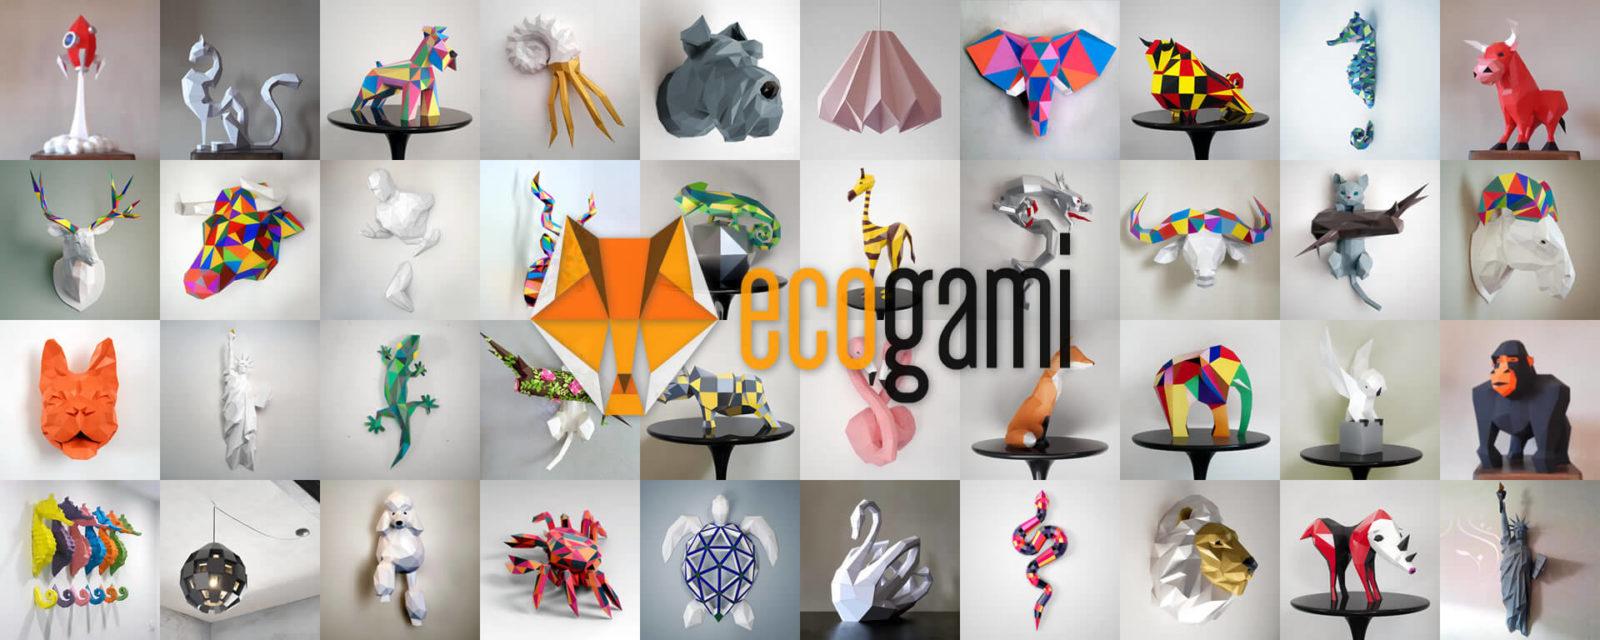 Ecogami : personnaliser son intérieur de manière singulière et élégante